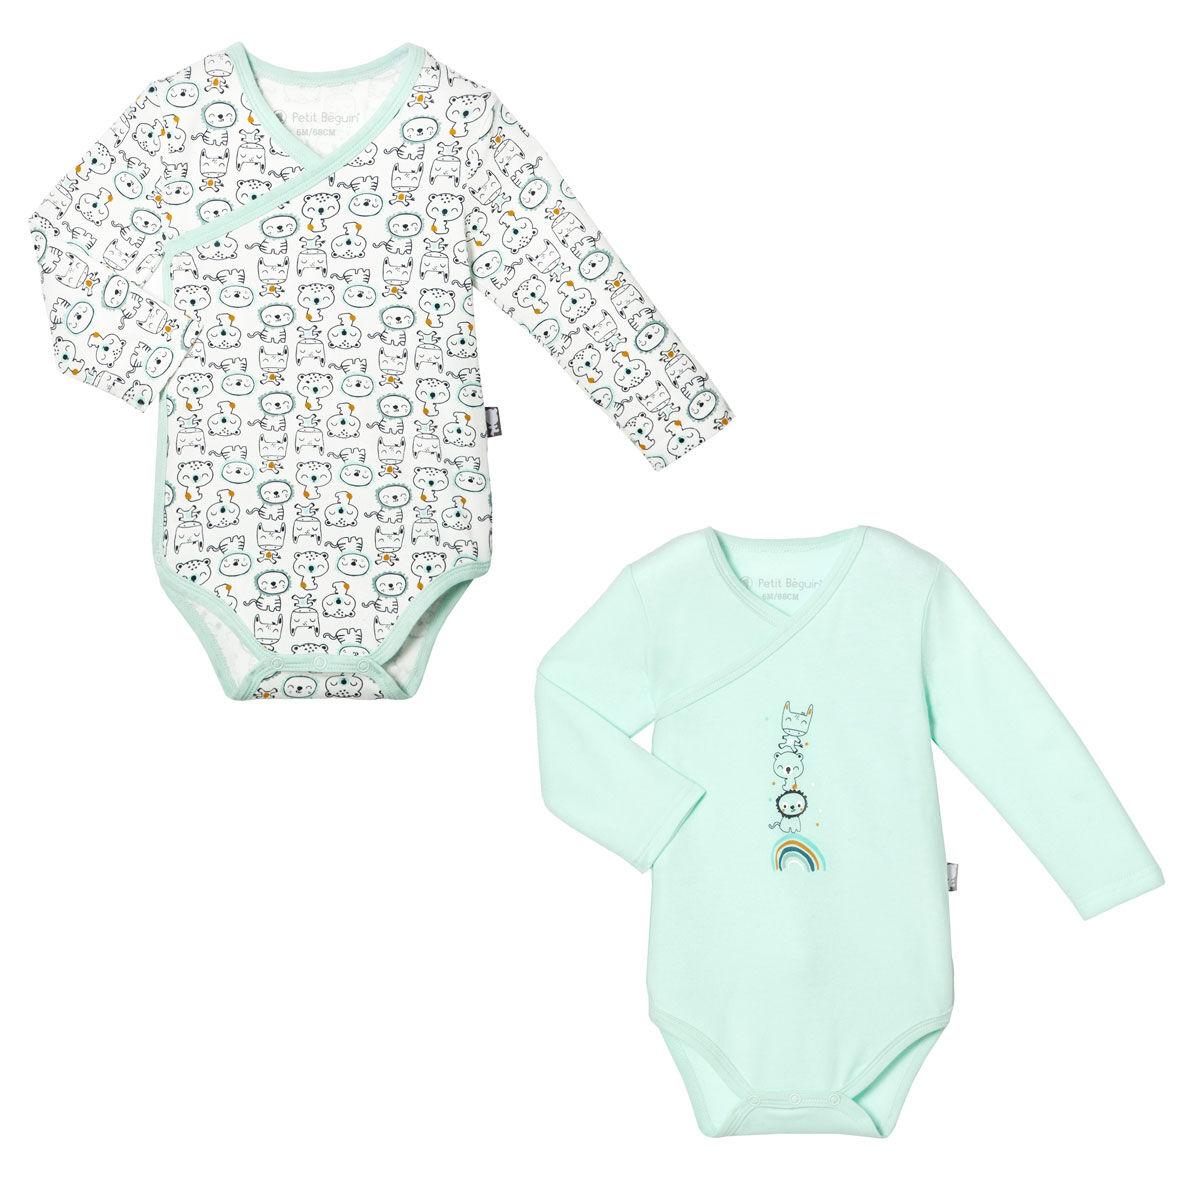 Petit Béguin Lot de 2 bodies croisés bébé garçon manches longues Bamaco - Taille - 6 mois